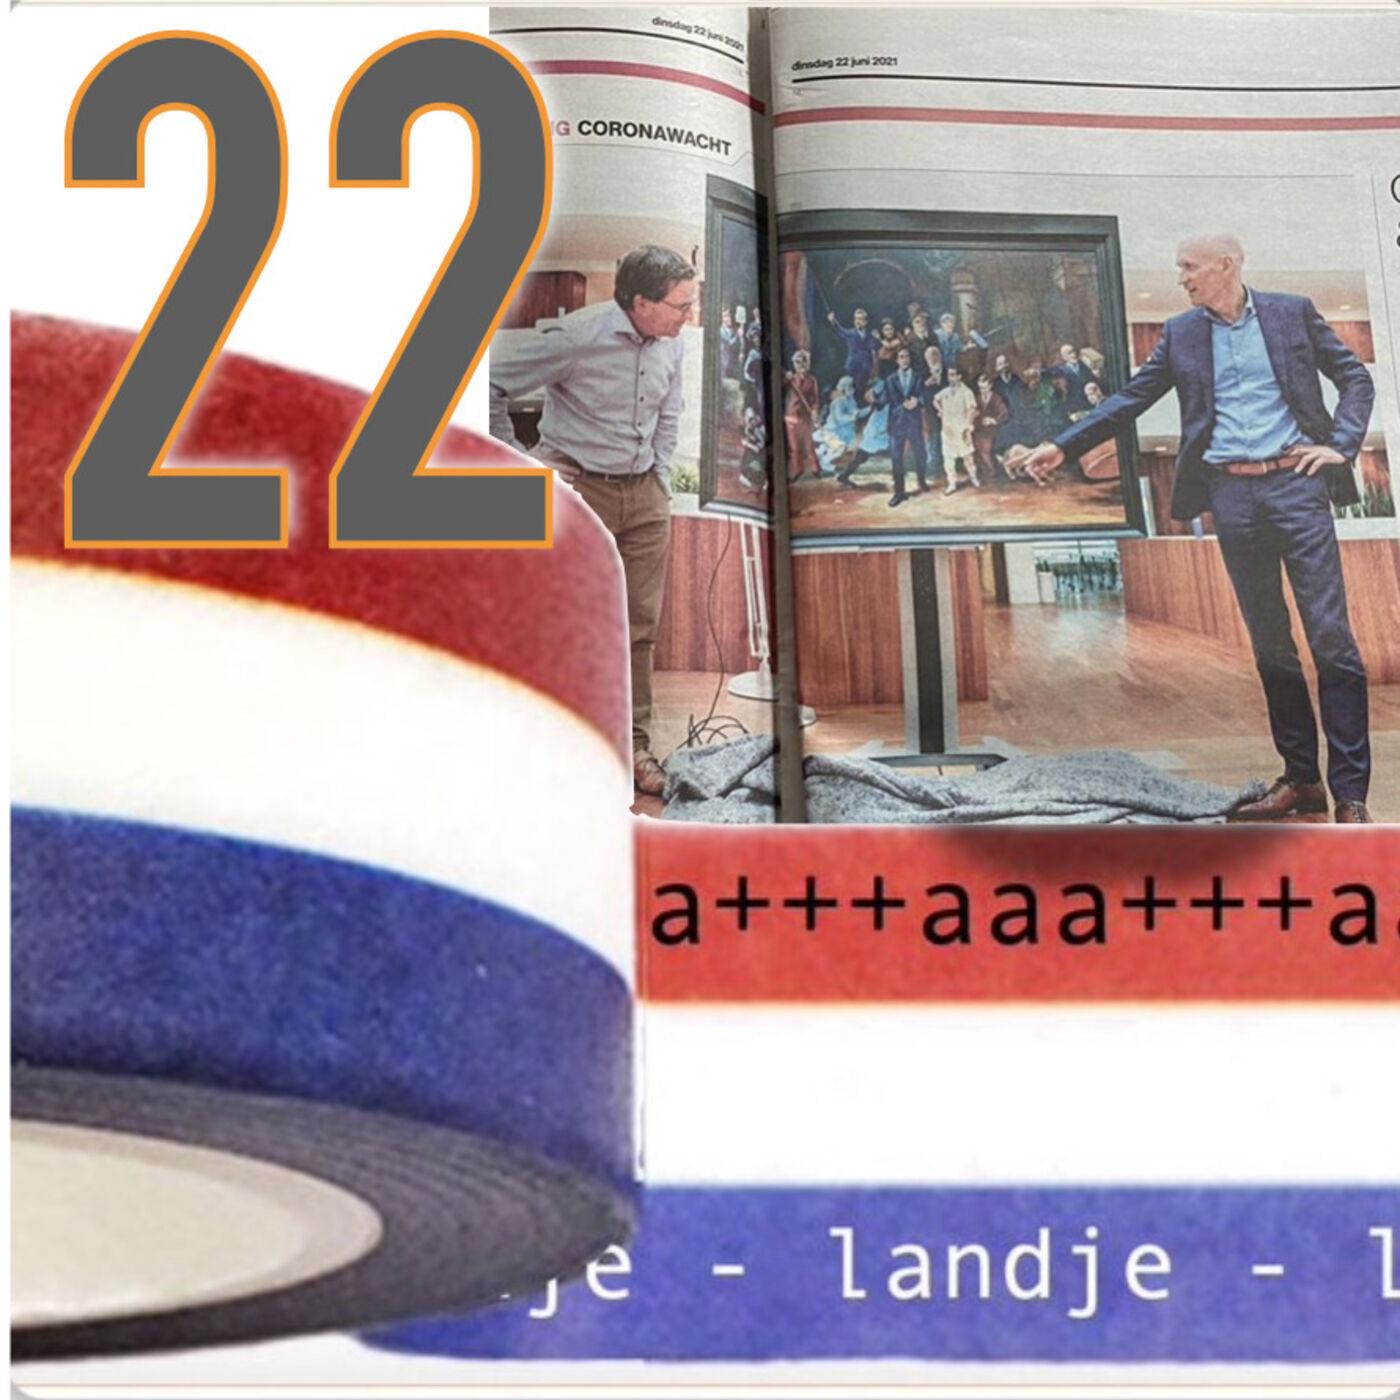 22 - Cocaïne is een gevaar voor Volksgezondheid, en andere verslavingen aan het Binnenhof (Nachtwacht editie)